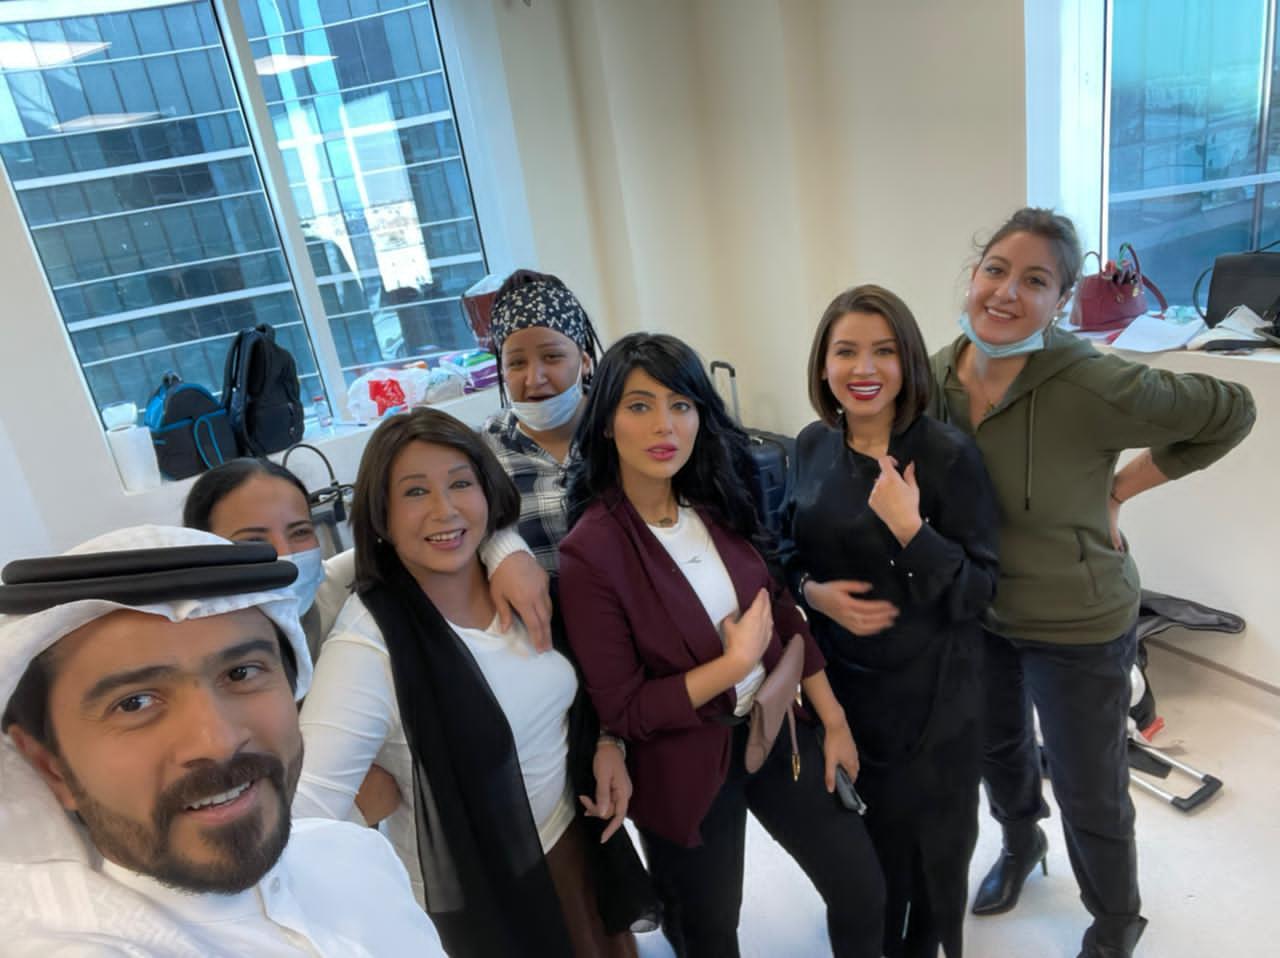 مريم الغامدي في صورة مع فريق عمل مسلسل عود حي